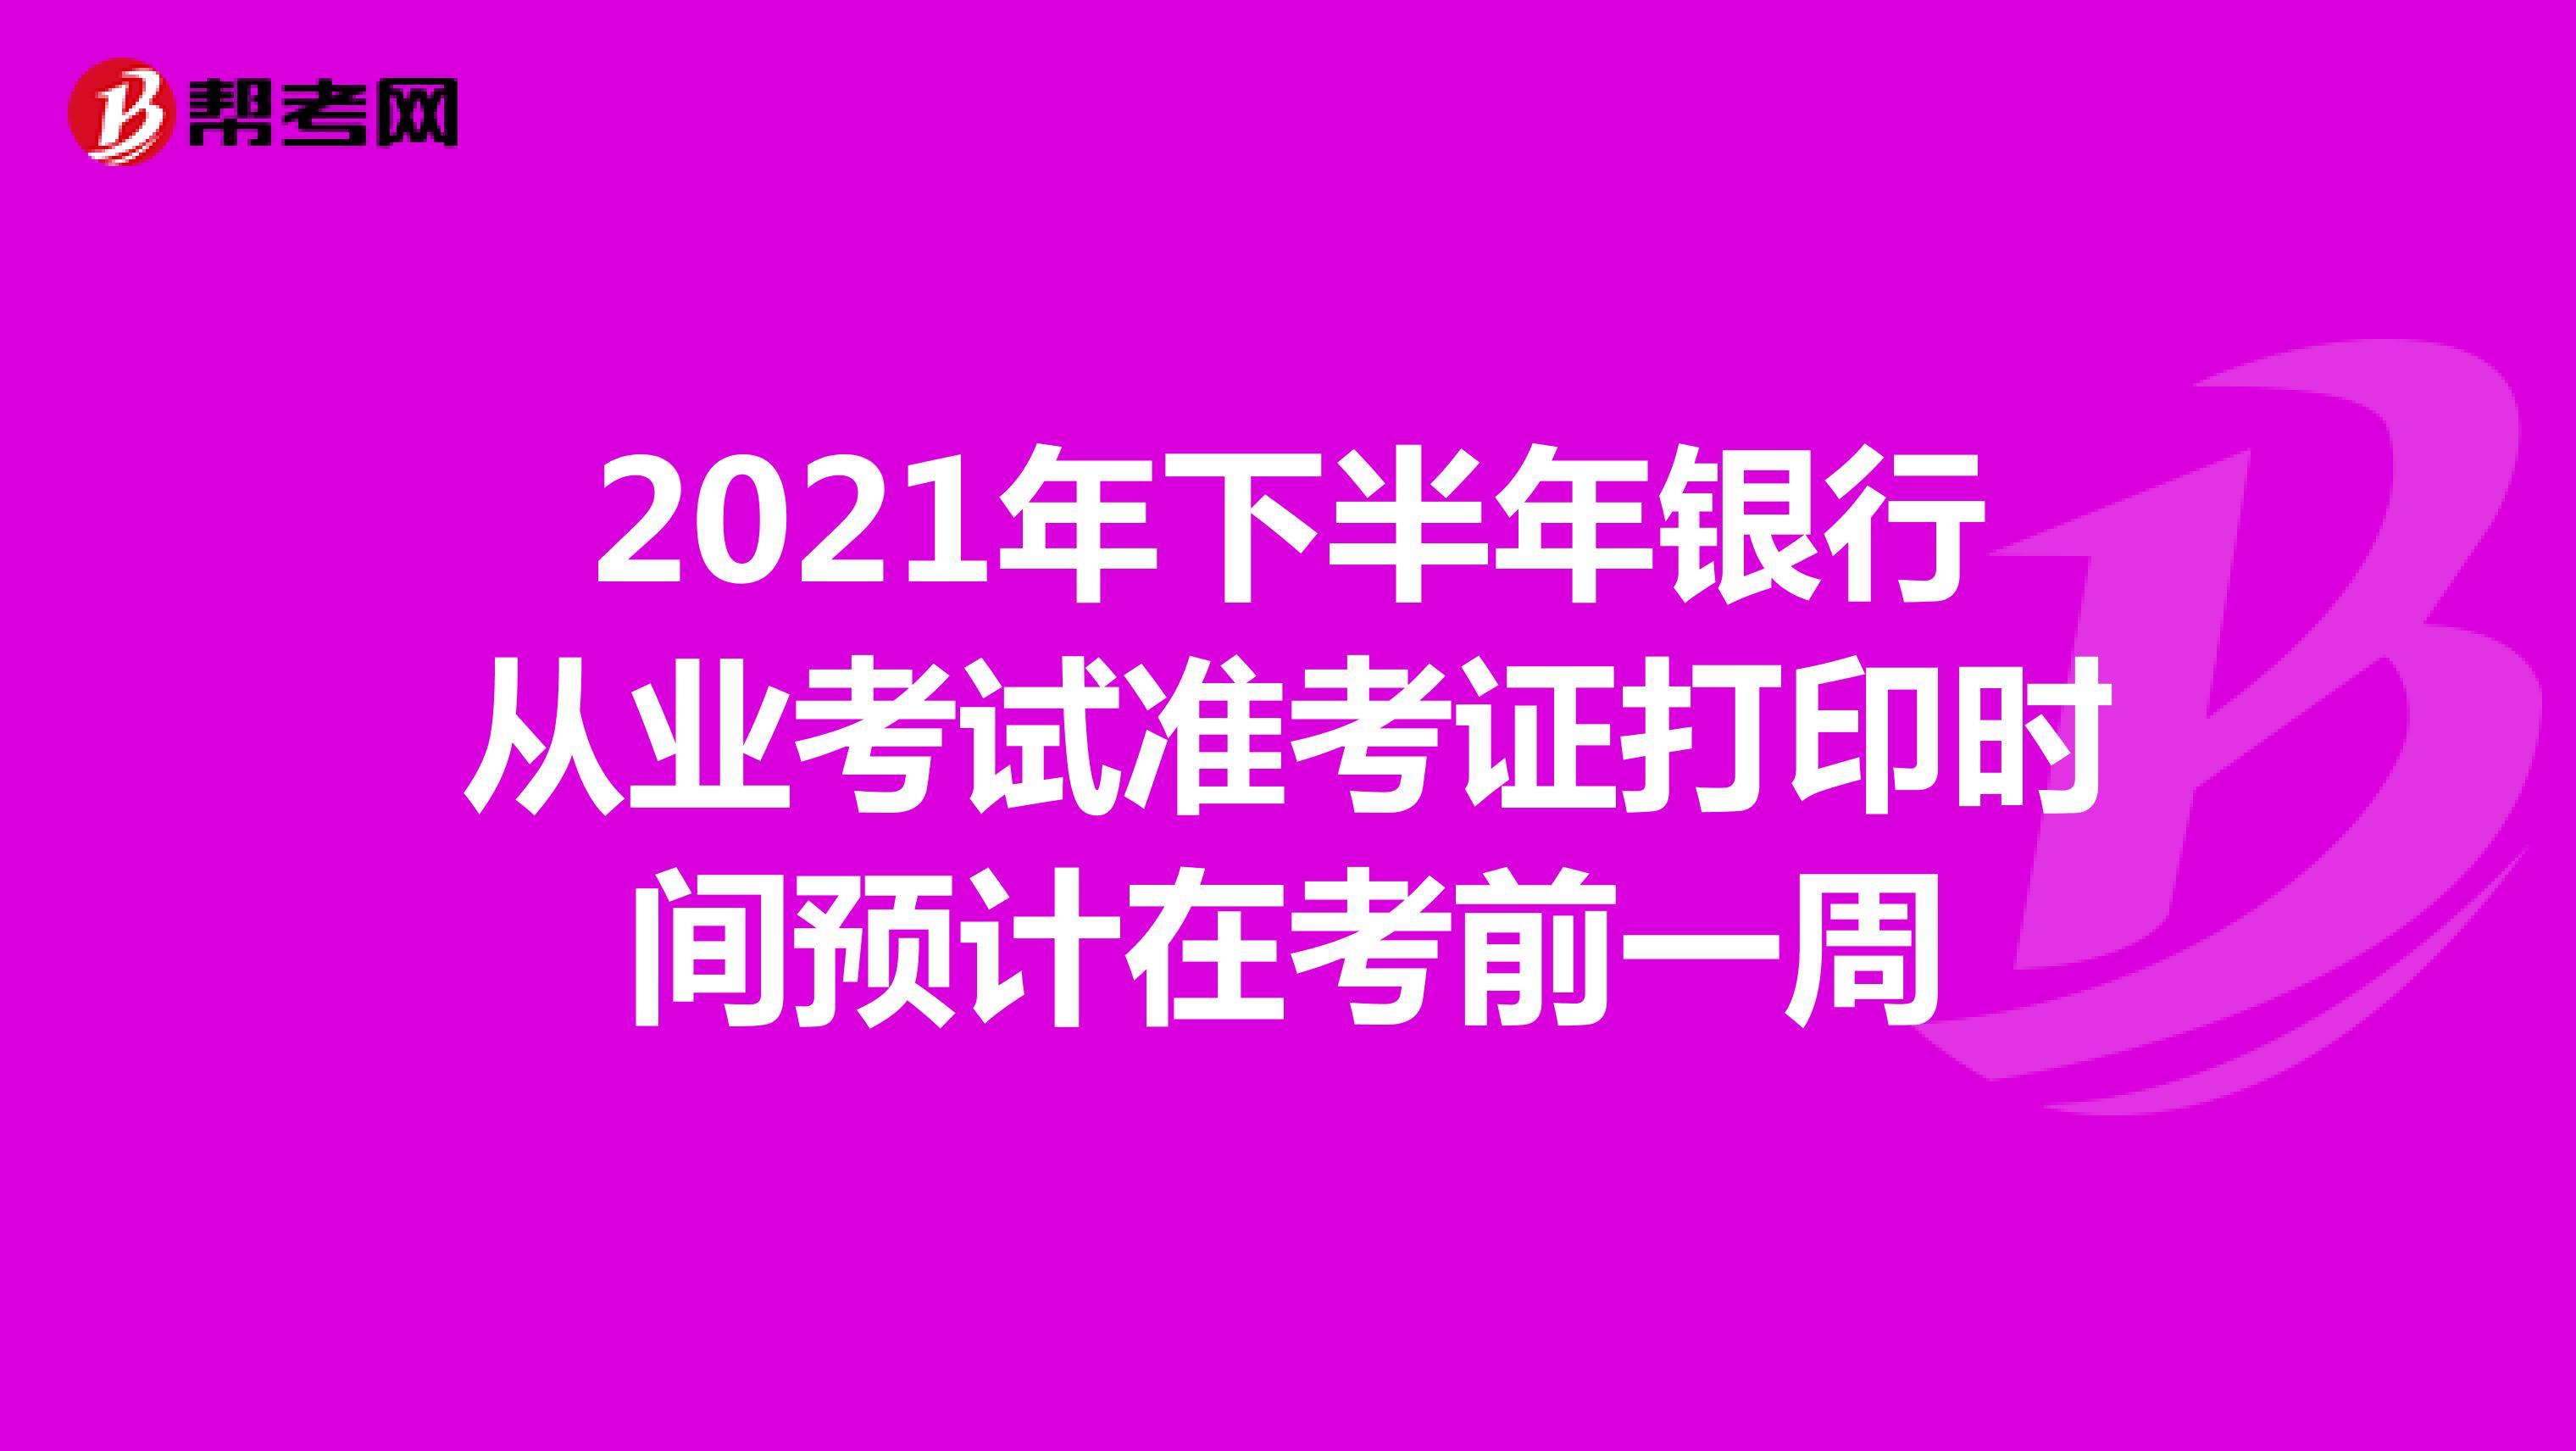 2021年下半年银行从业考试准考证打印时间预计在考前一周